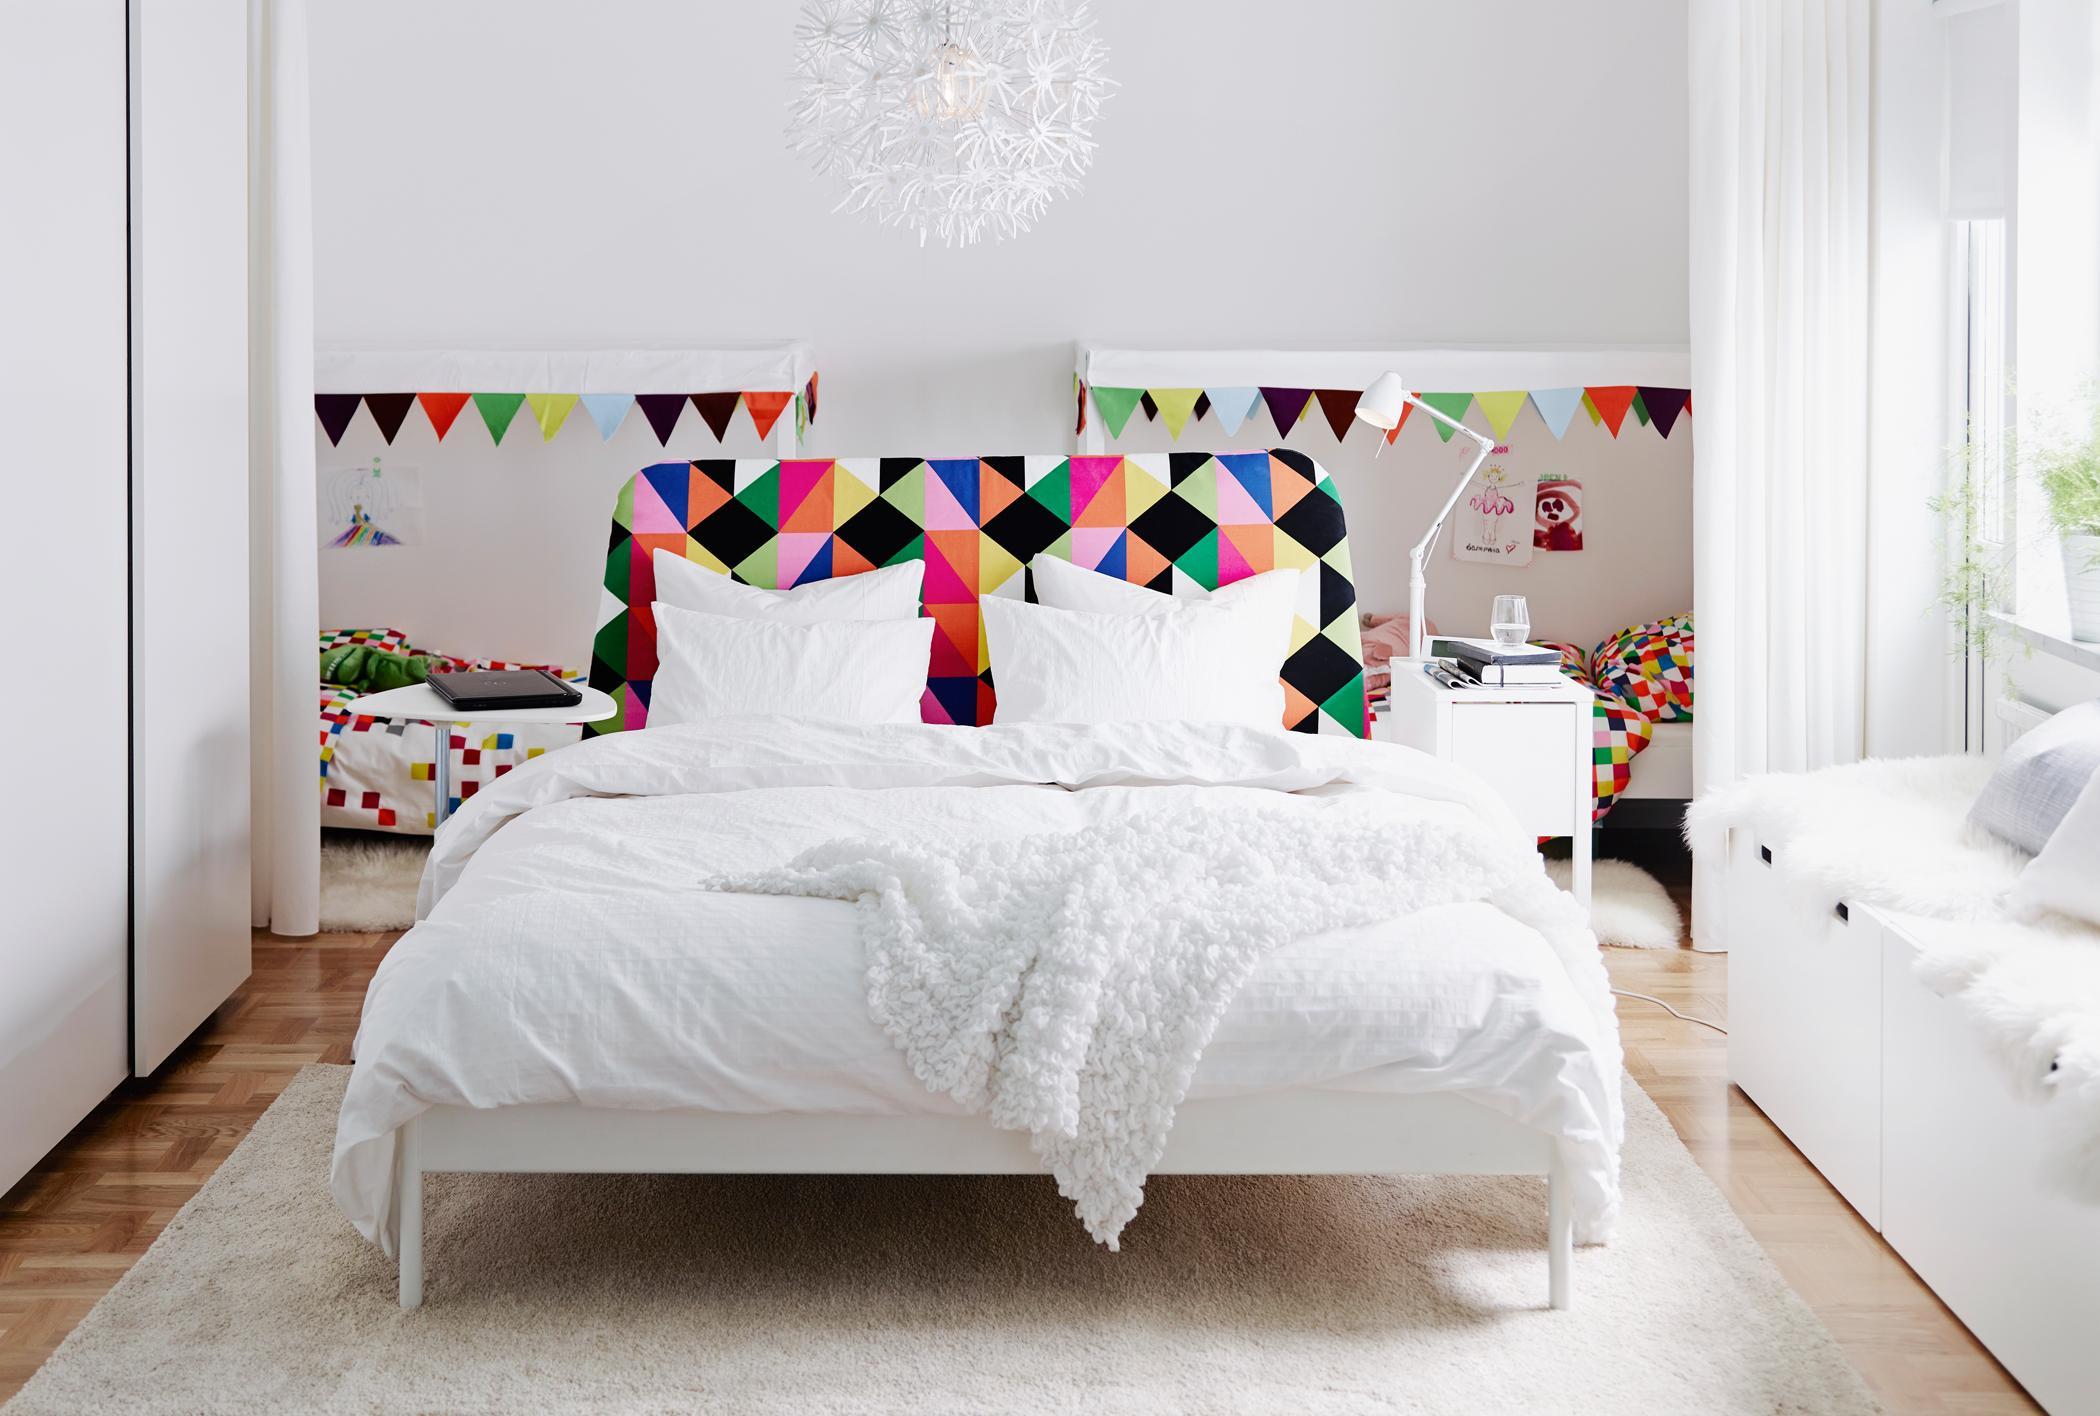 Full Size of Weißes Schlafzimmer Weies Mit Bunten Highlights Bettwsch Kommode Weiß Kronleuchter Landhausstil Eckschrank Deckenleuchten Wandtattoo überbau Bett 90x200 Schlafzimmer Weißes Schlafzimmer